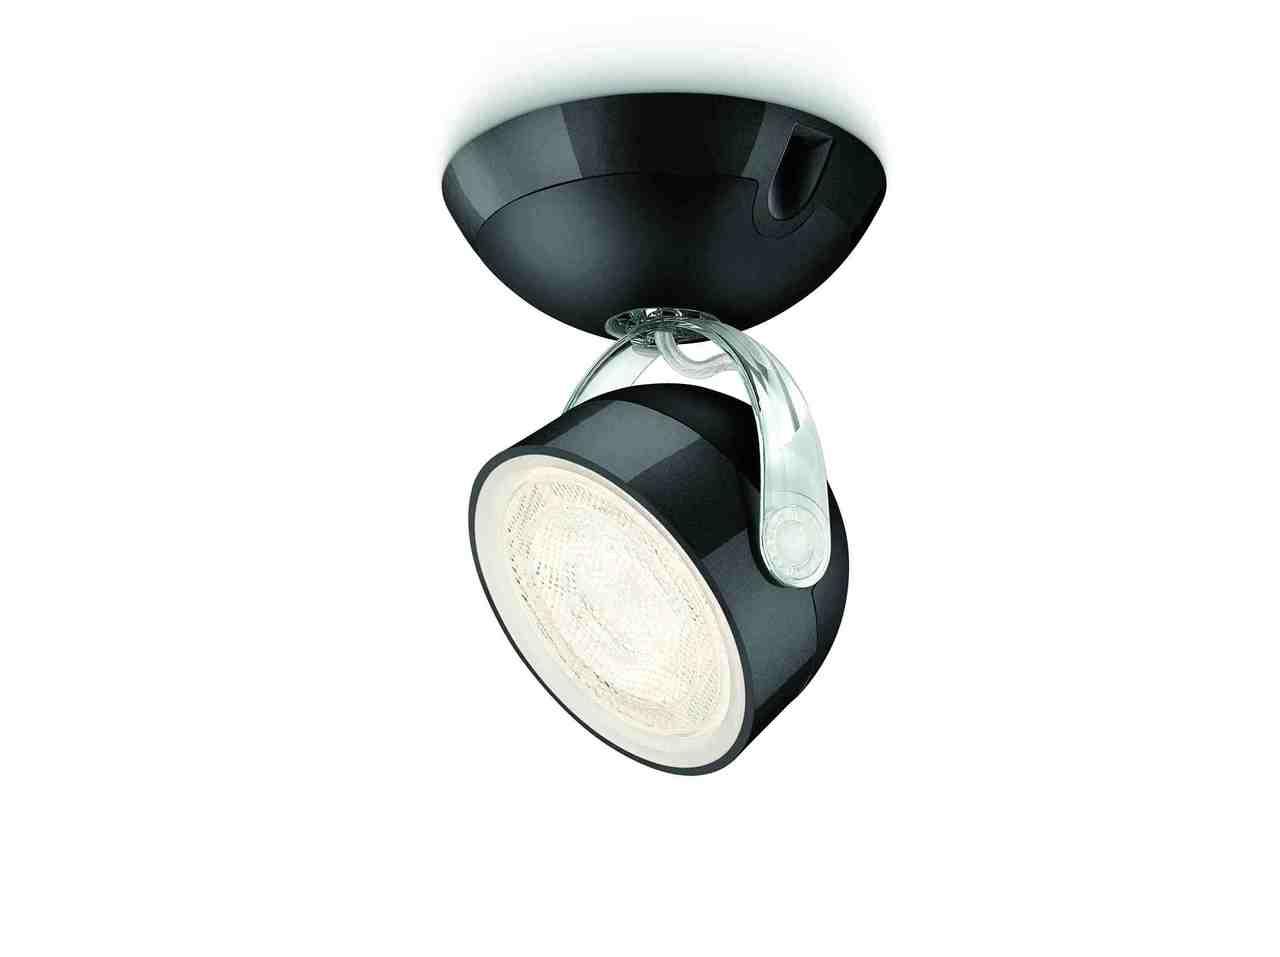 Wohnzimmerlampe Trend Trendsuche LED Deckenstrahler Spot